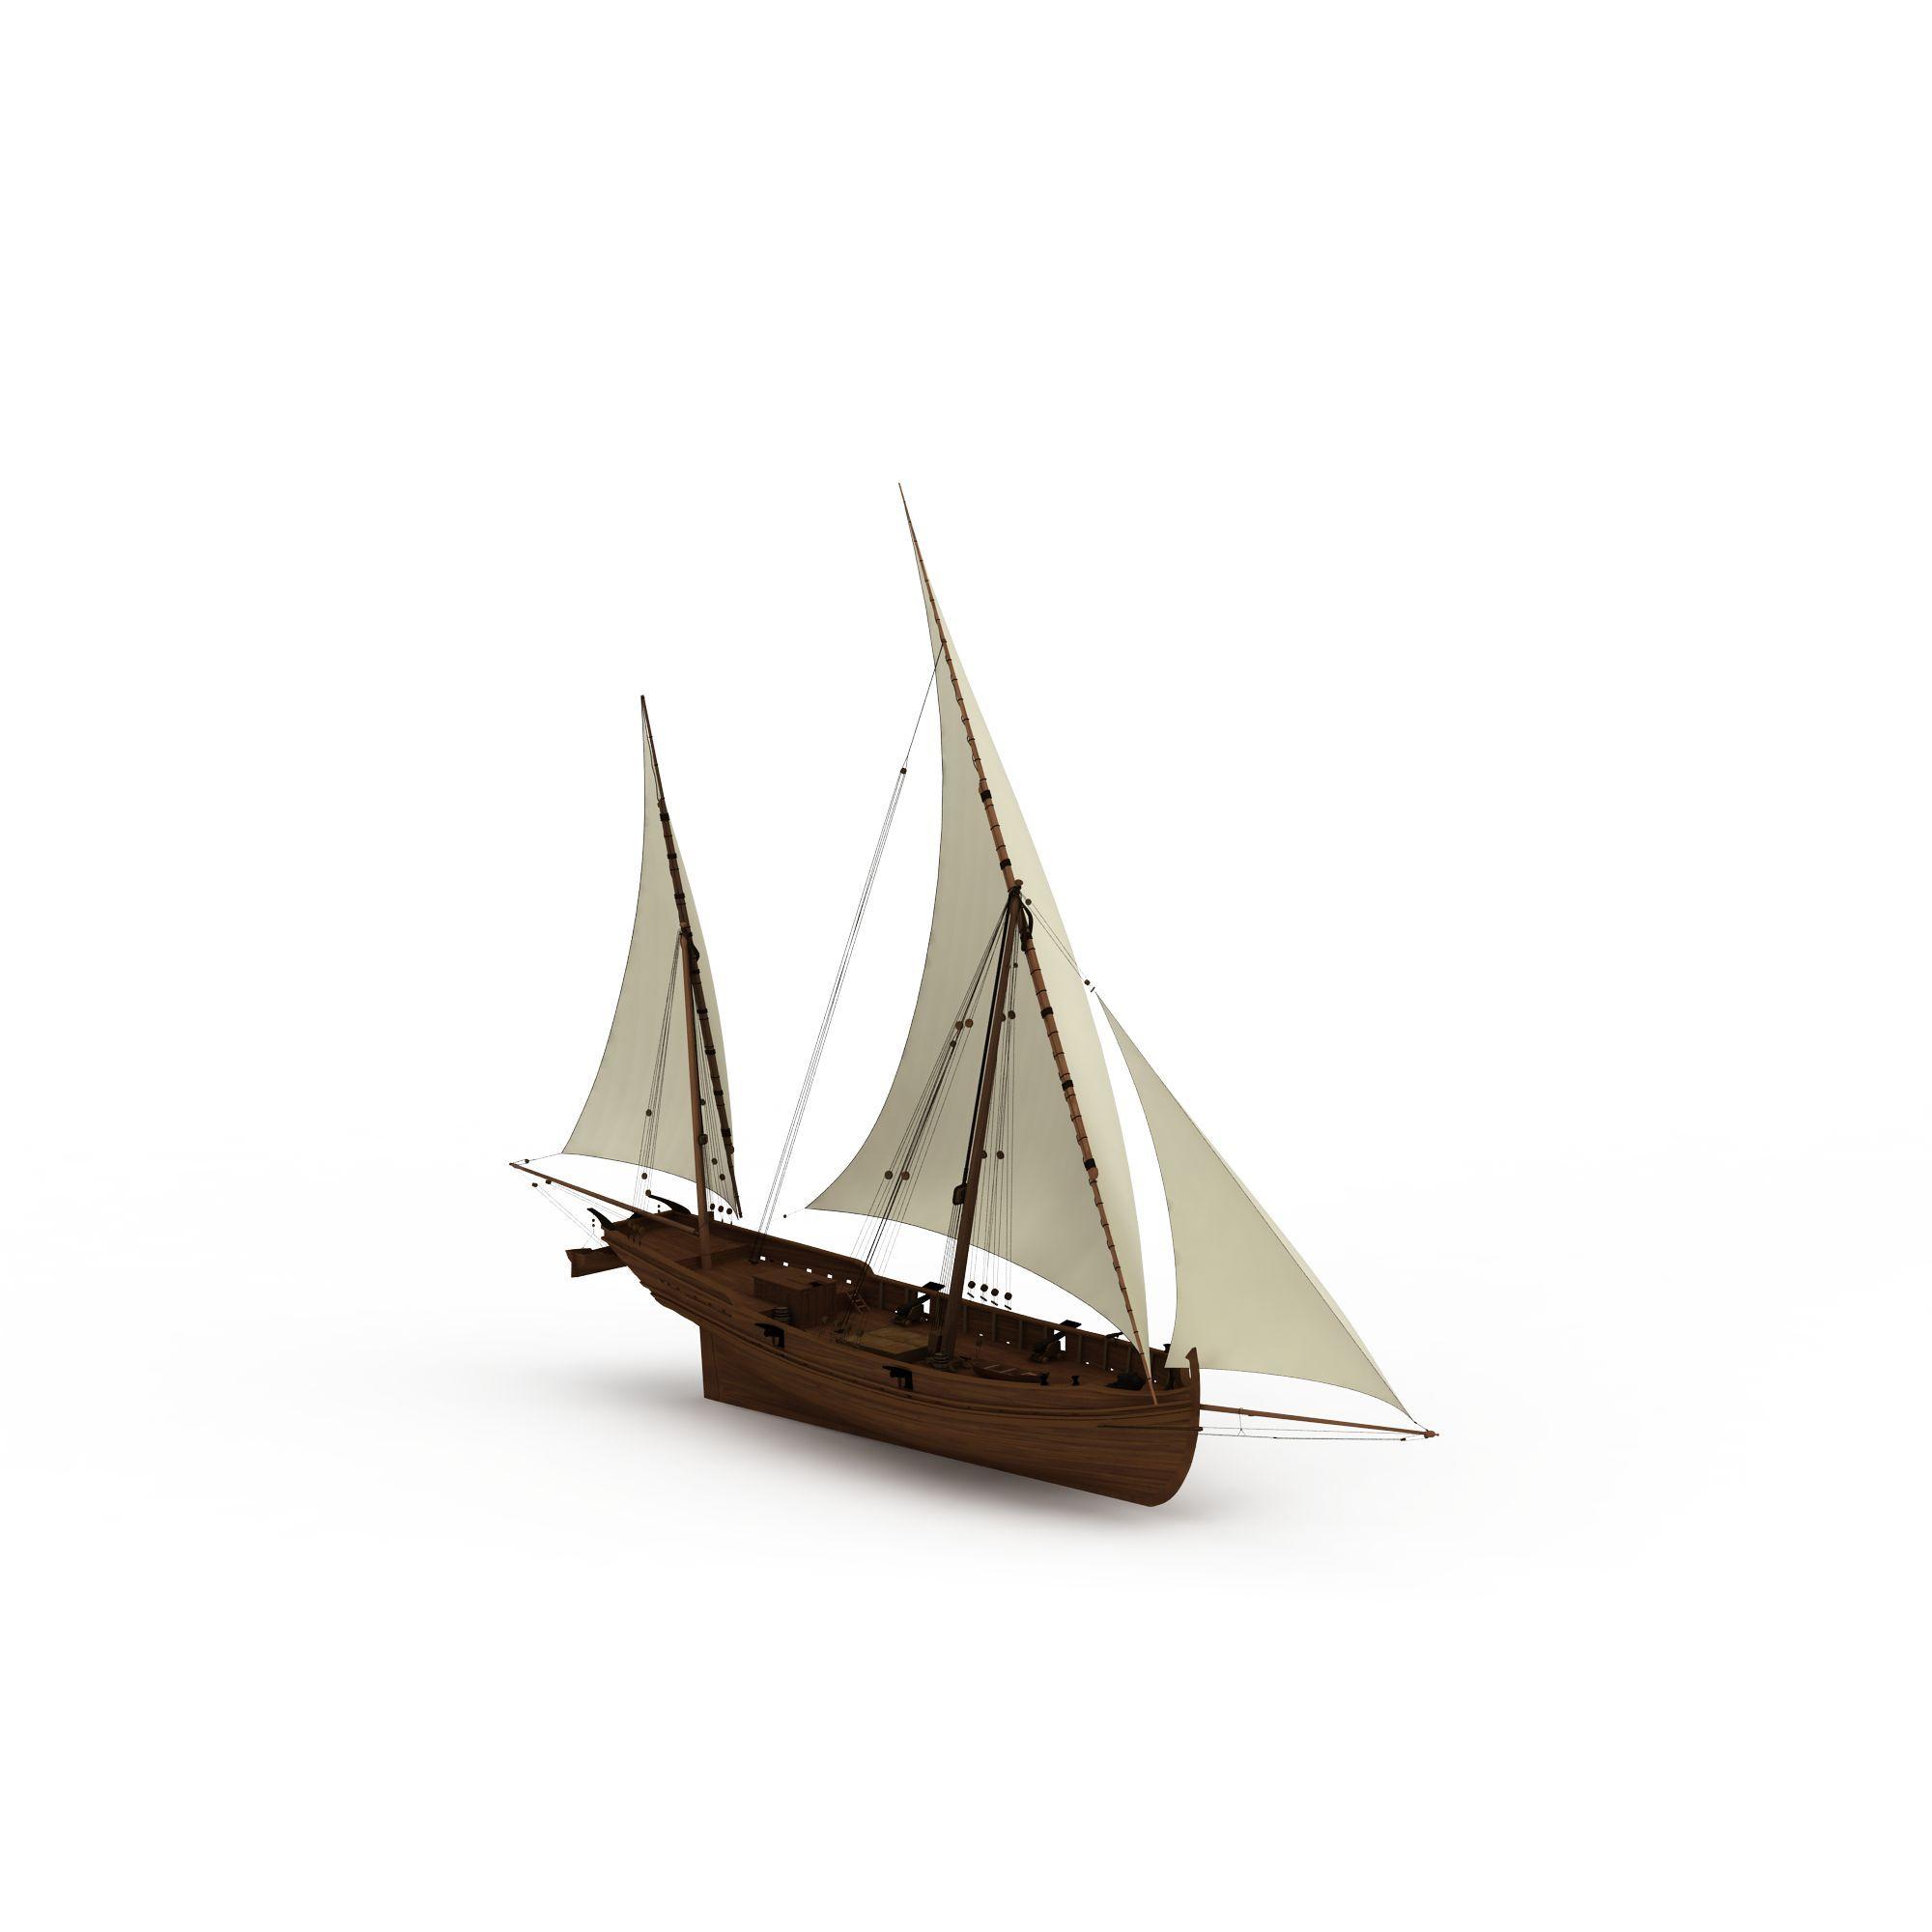 小帆船图片_小帆船png图片素材_小帆船png高清图下载